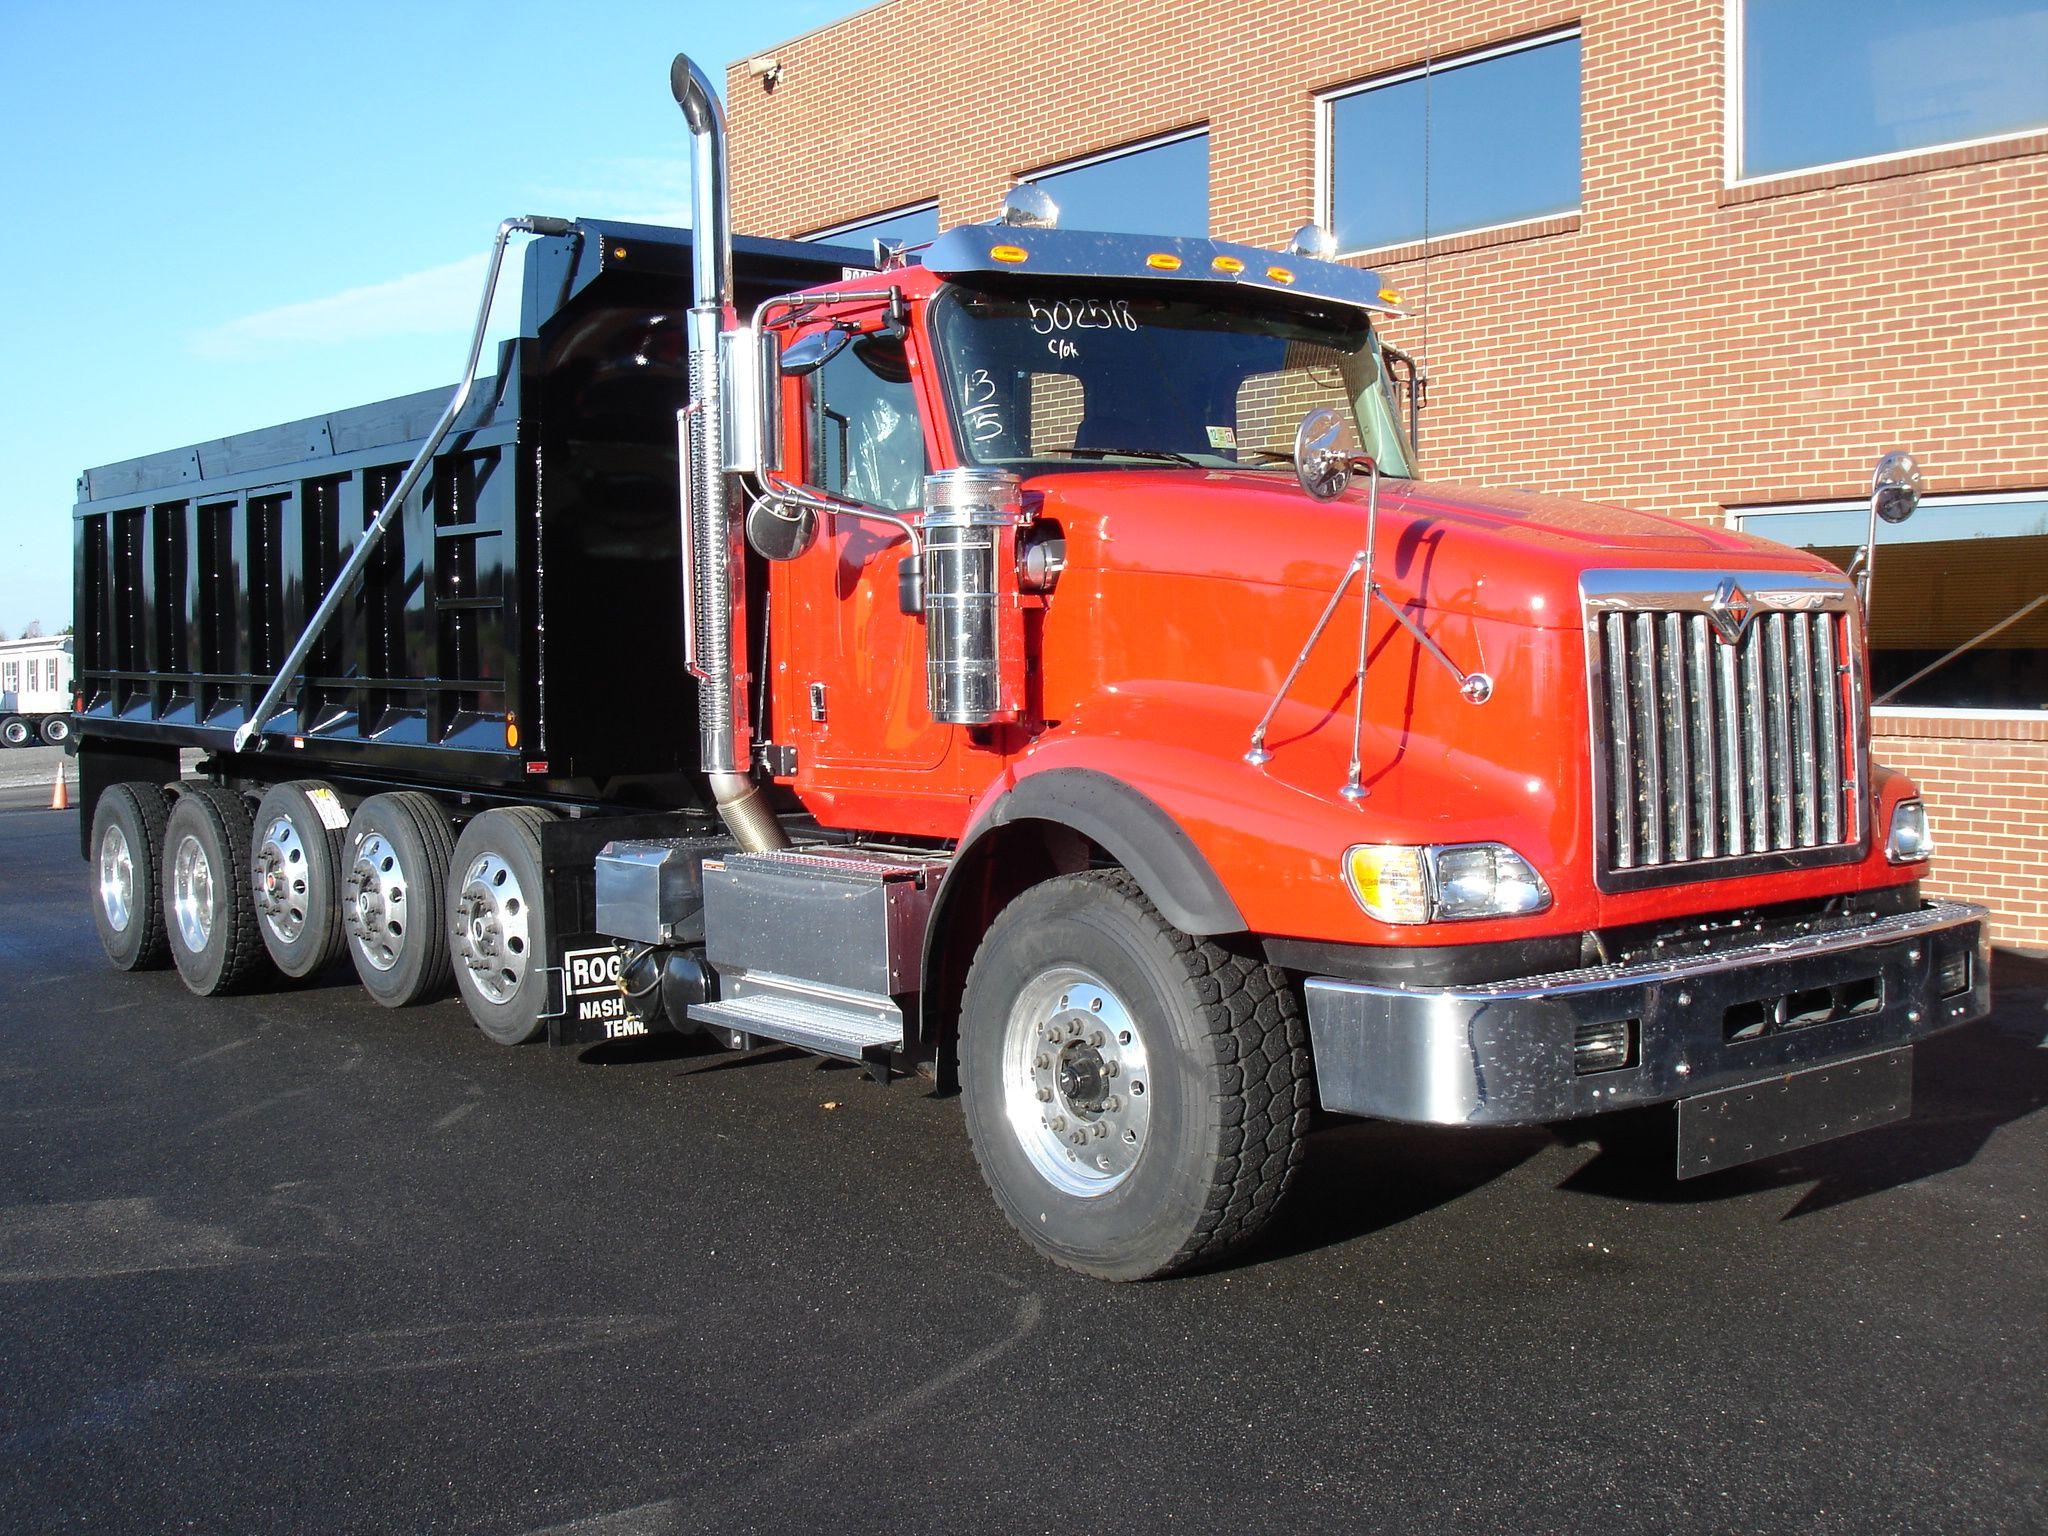 Trucking | Trucks, International harvester truck, Navistar ...